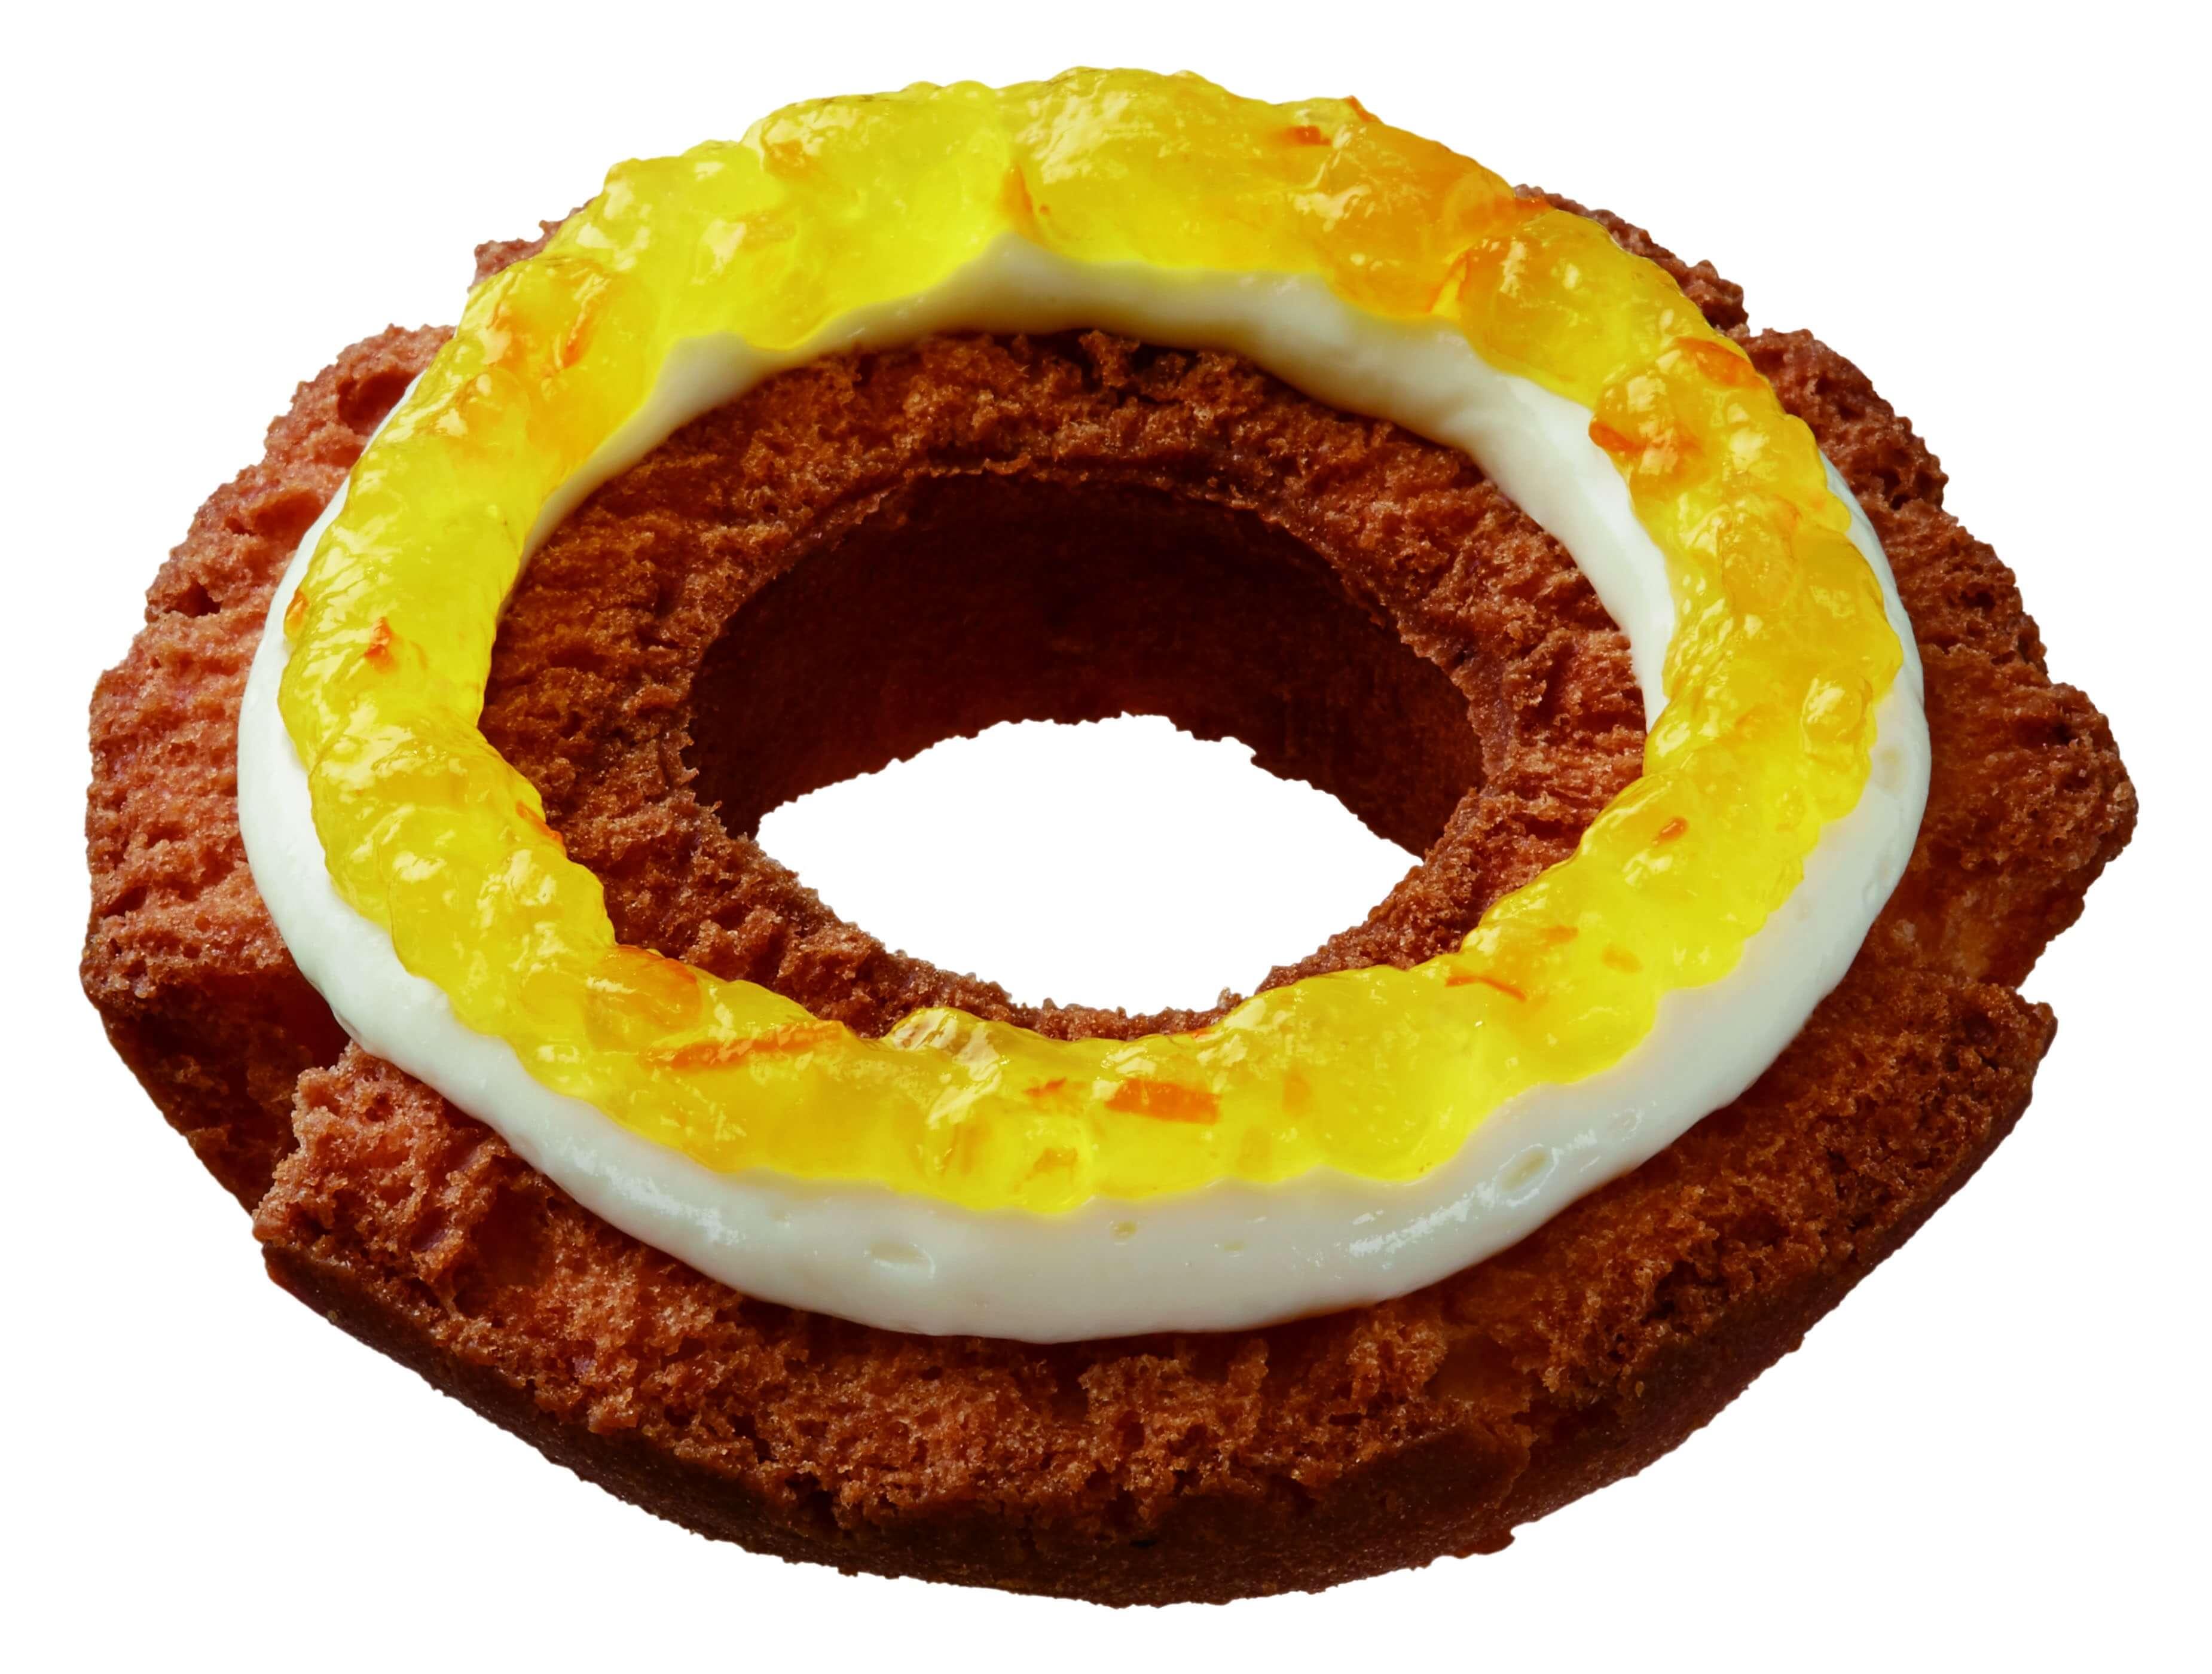 %e3%83%9f%e3%82%b9%e3%83%89-mister-donut-3